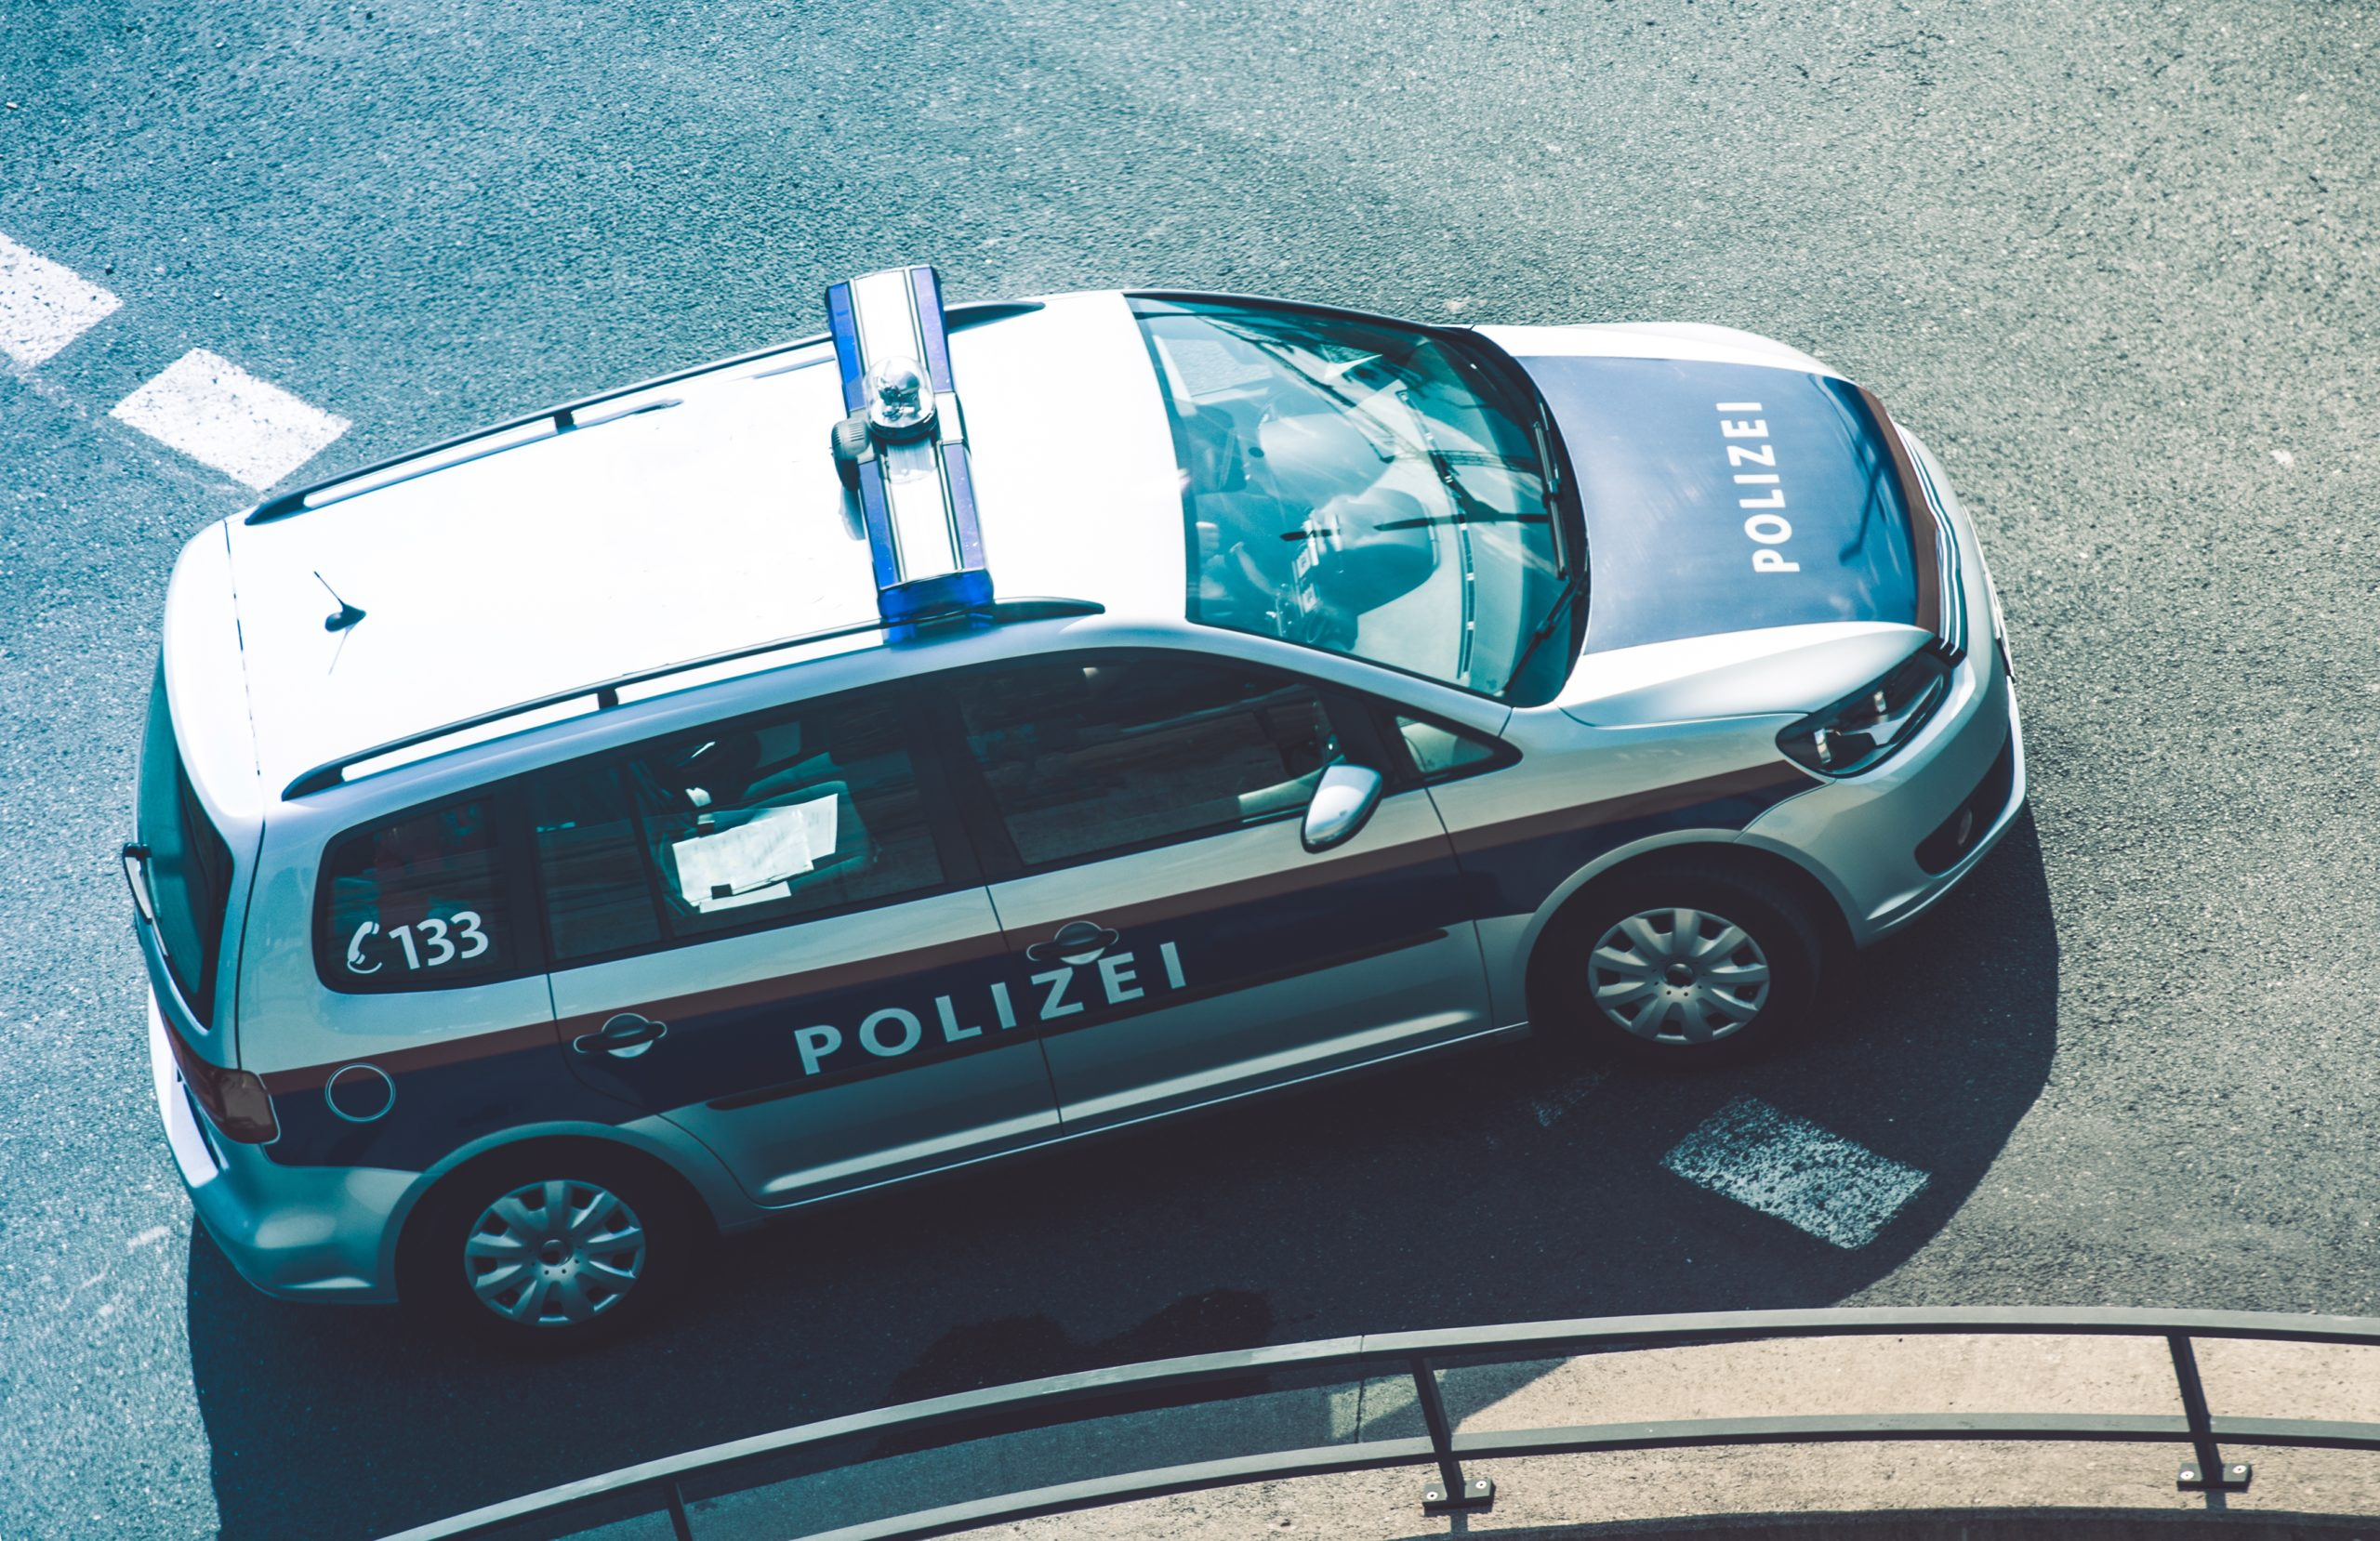 Polizei mit KI